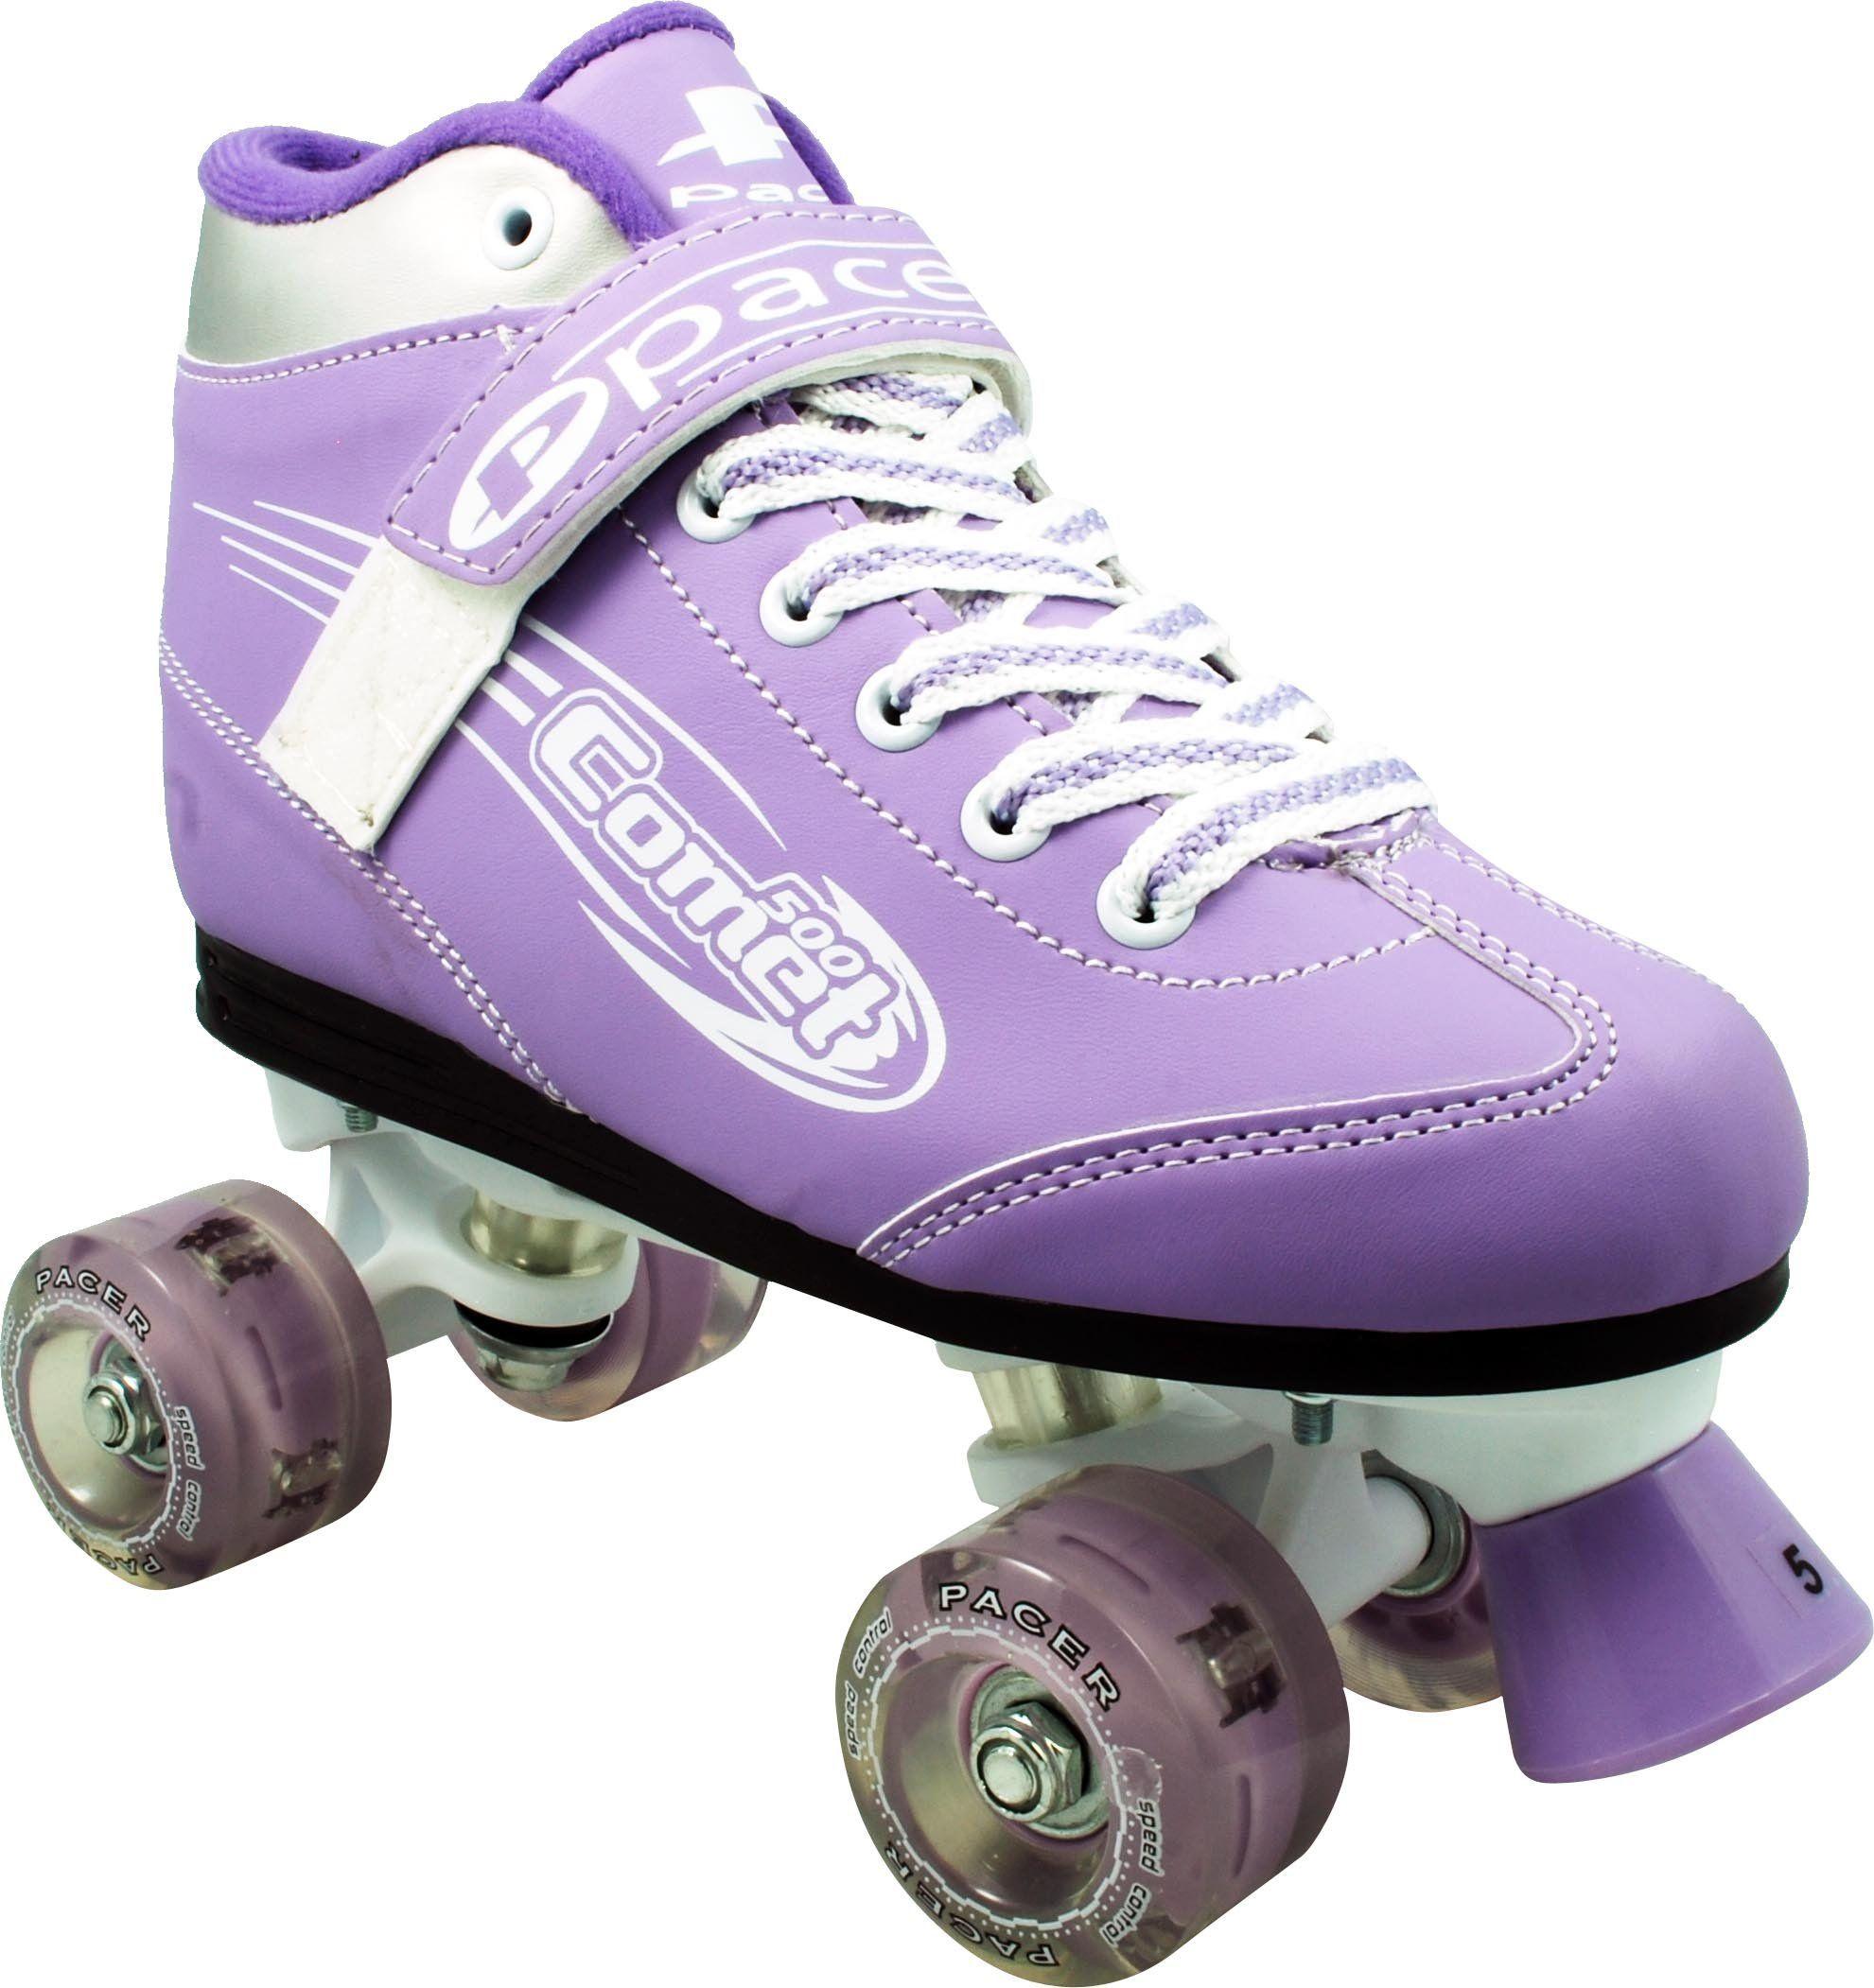 Quad roller skates amazon - Amazon Com Pacer Comet Girls Light Up Skates Kids Light Up Quad Roller